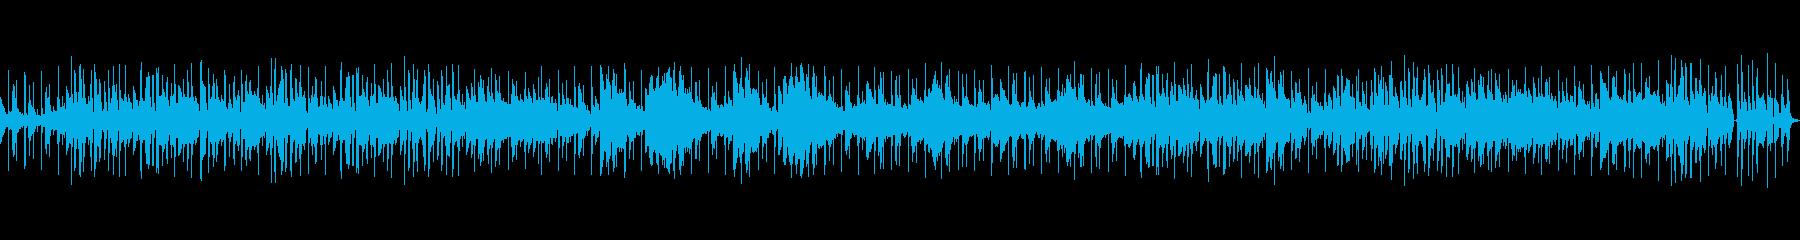 オープニング・CM・商品紹介などにの再生済みの波形